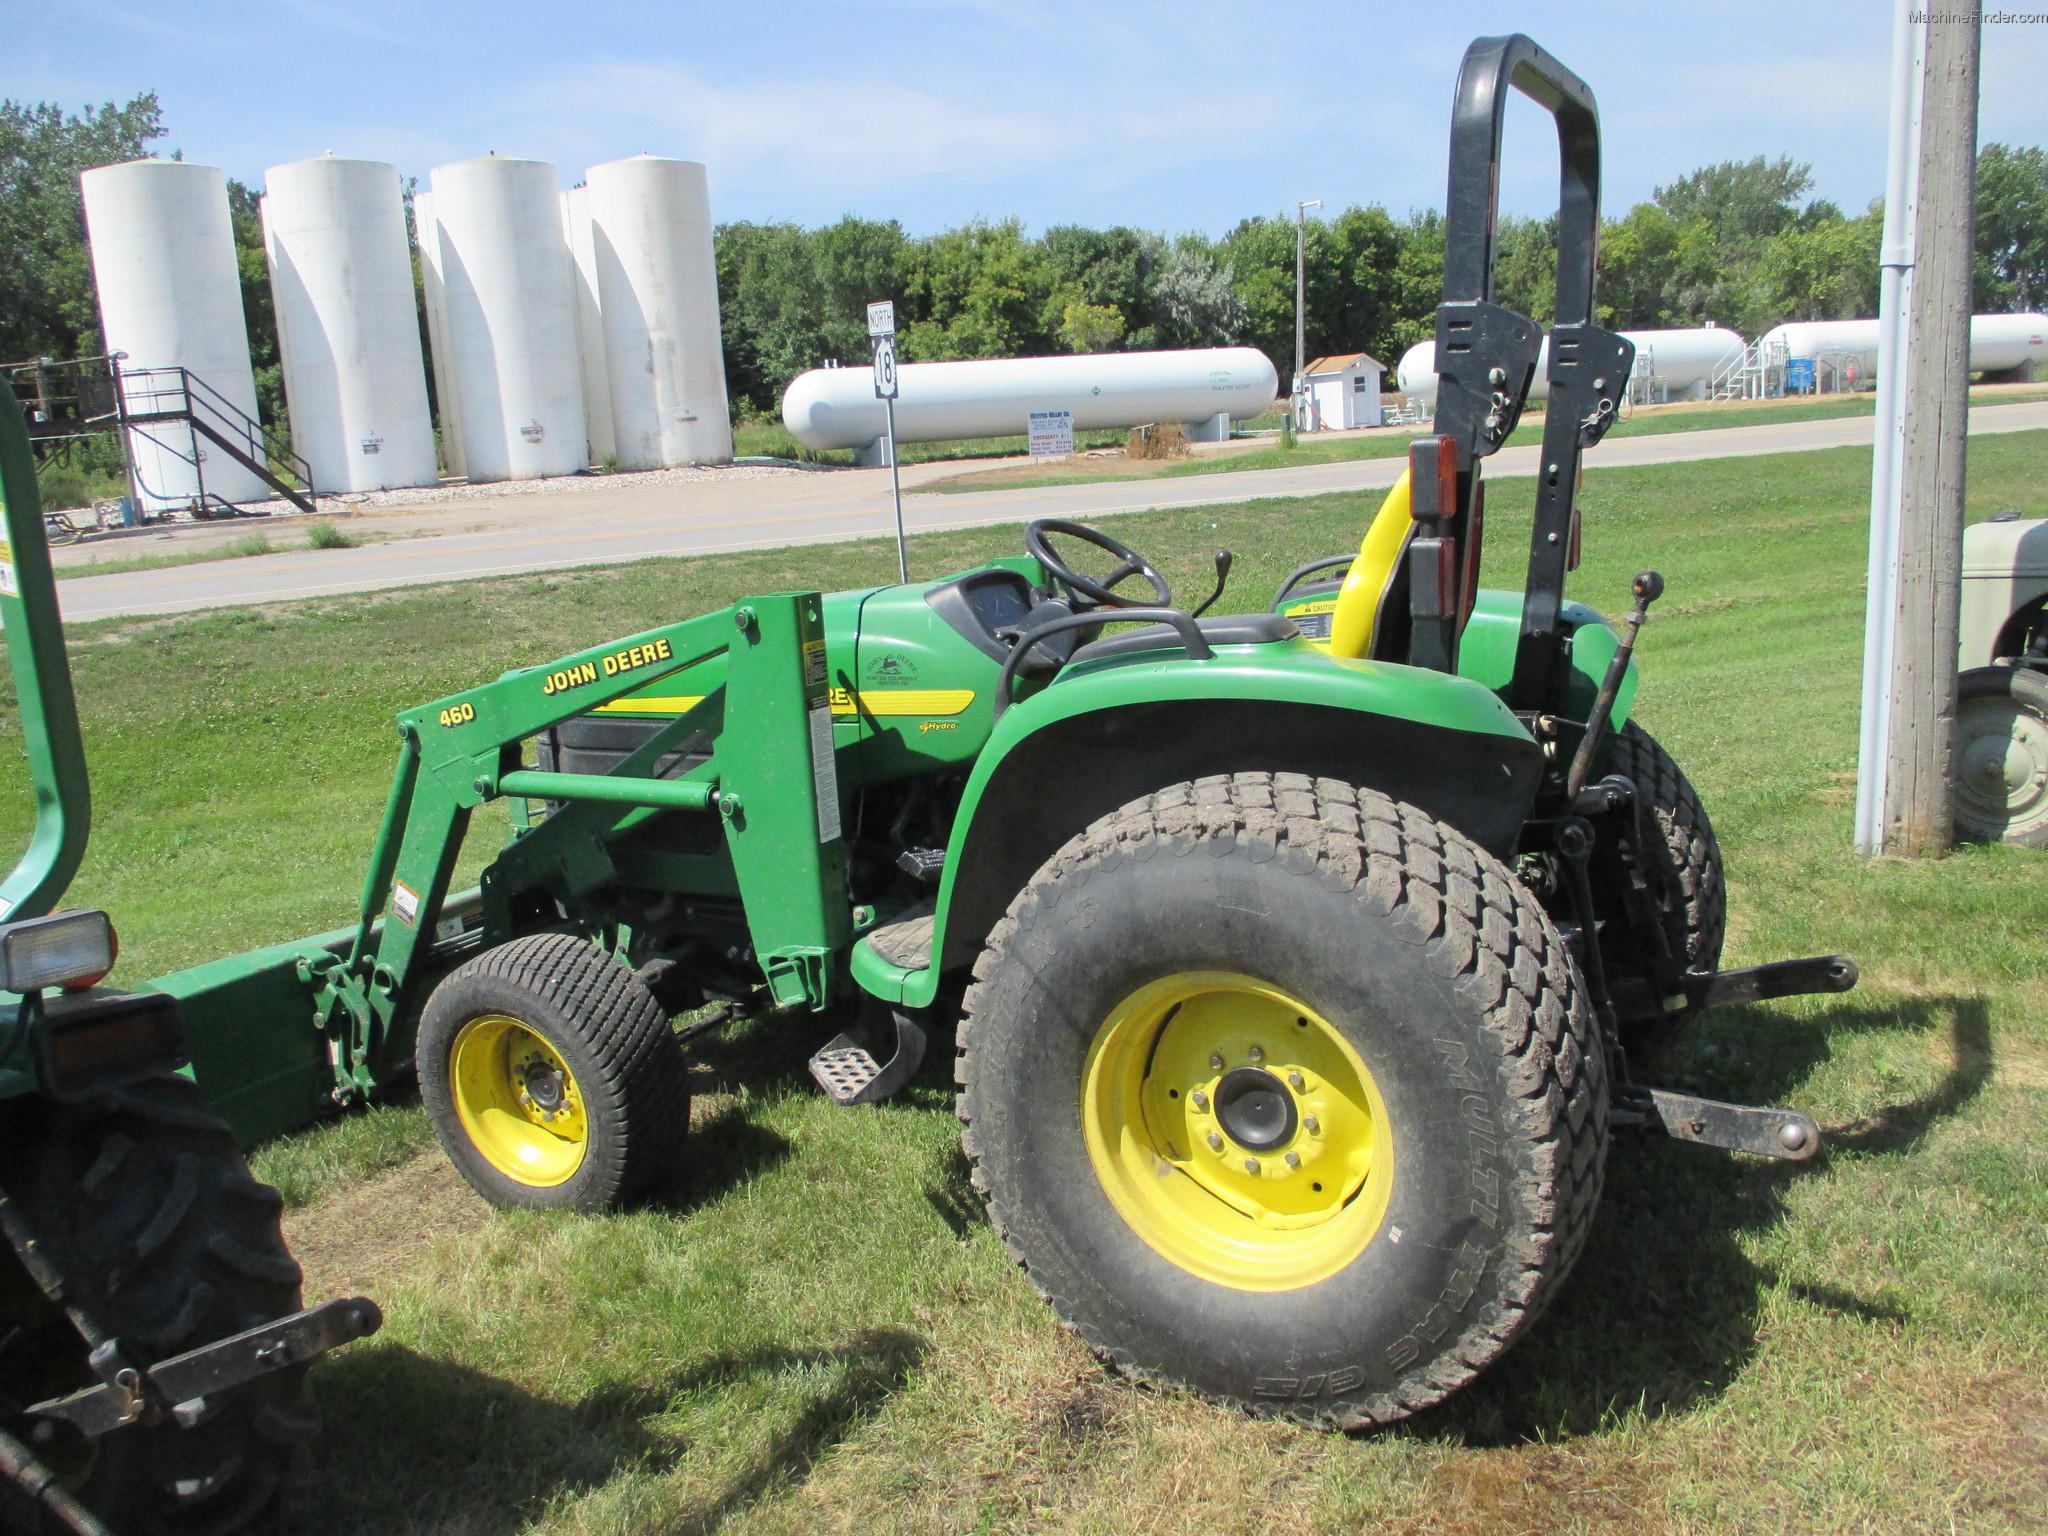 ... Ar Manufacturer John Deere. on john deere 4610 tractor loader